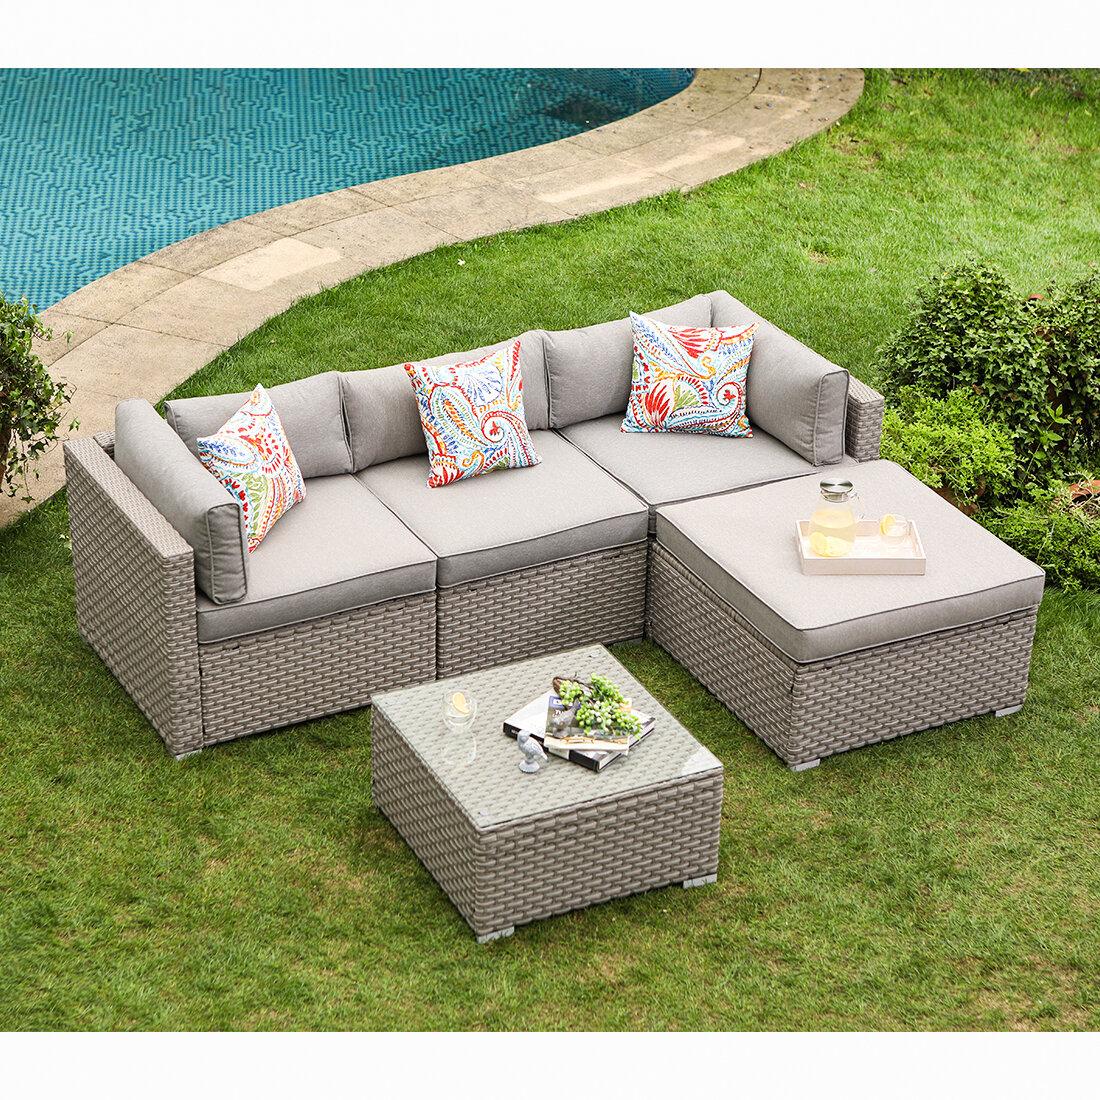 5 Piece Outdoor Furniture Set Warm Gray